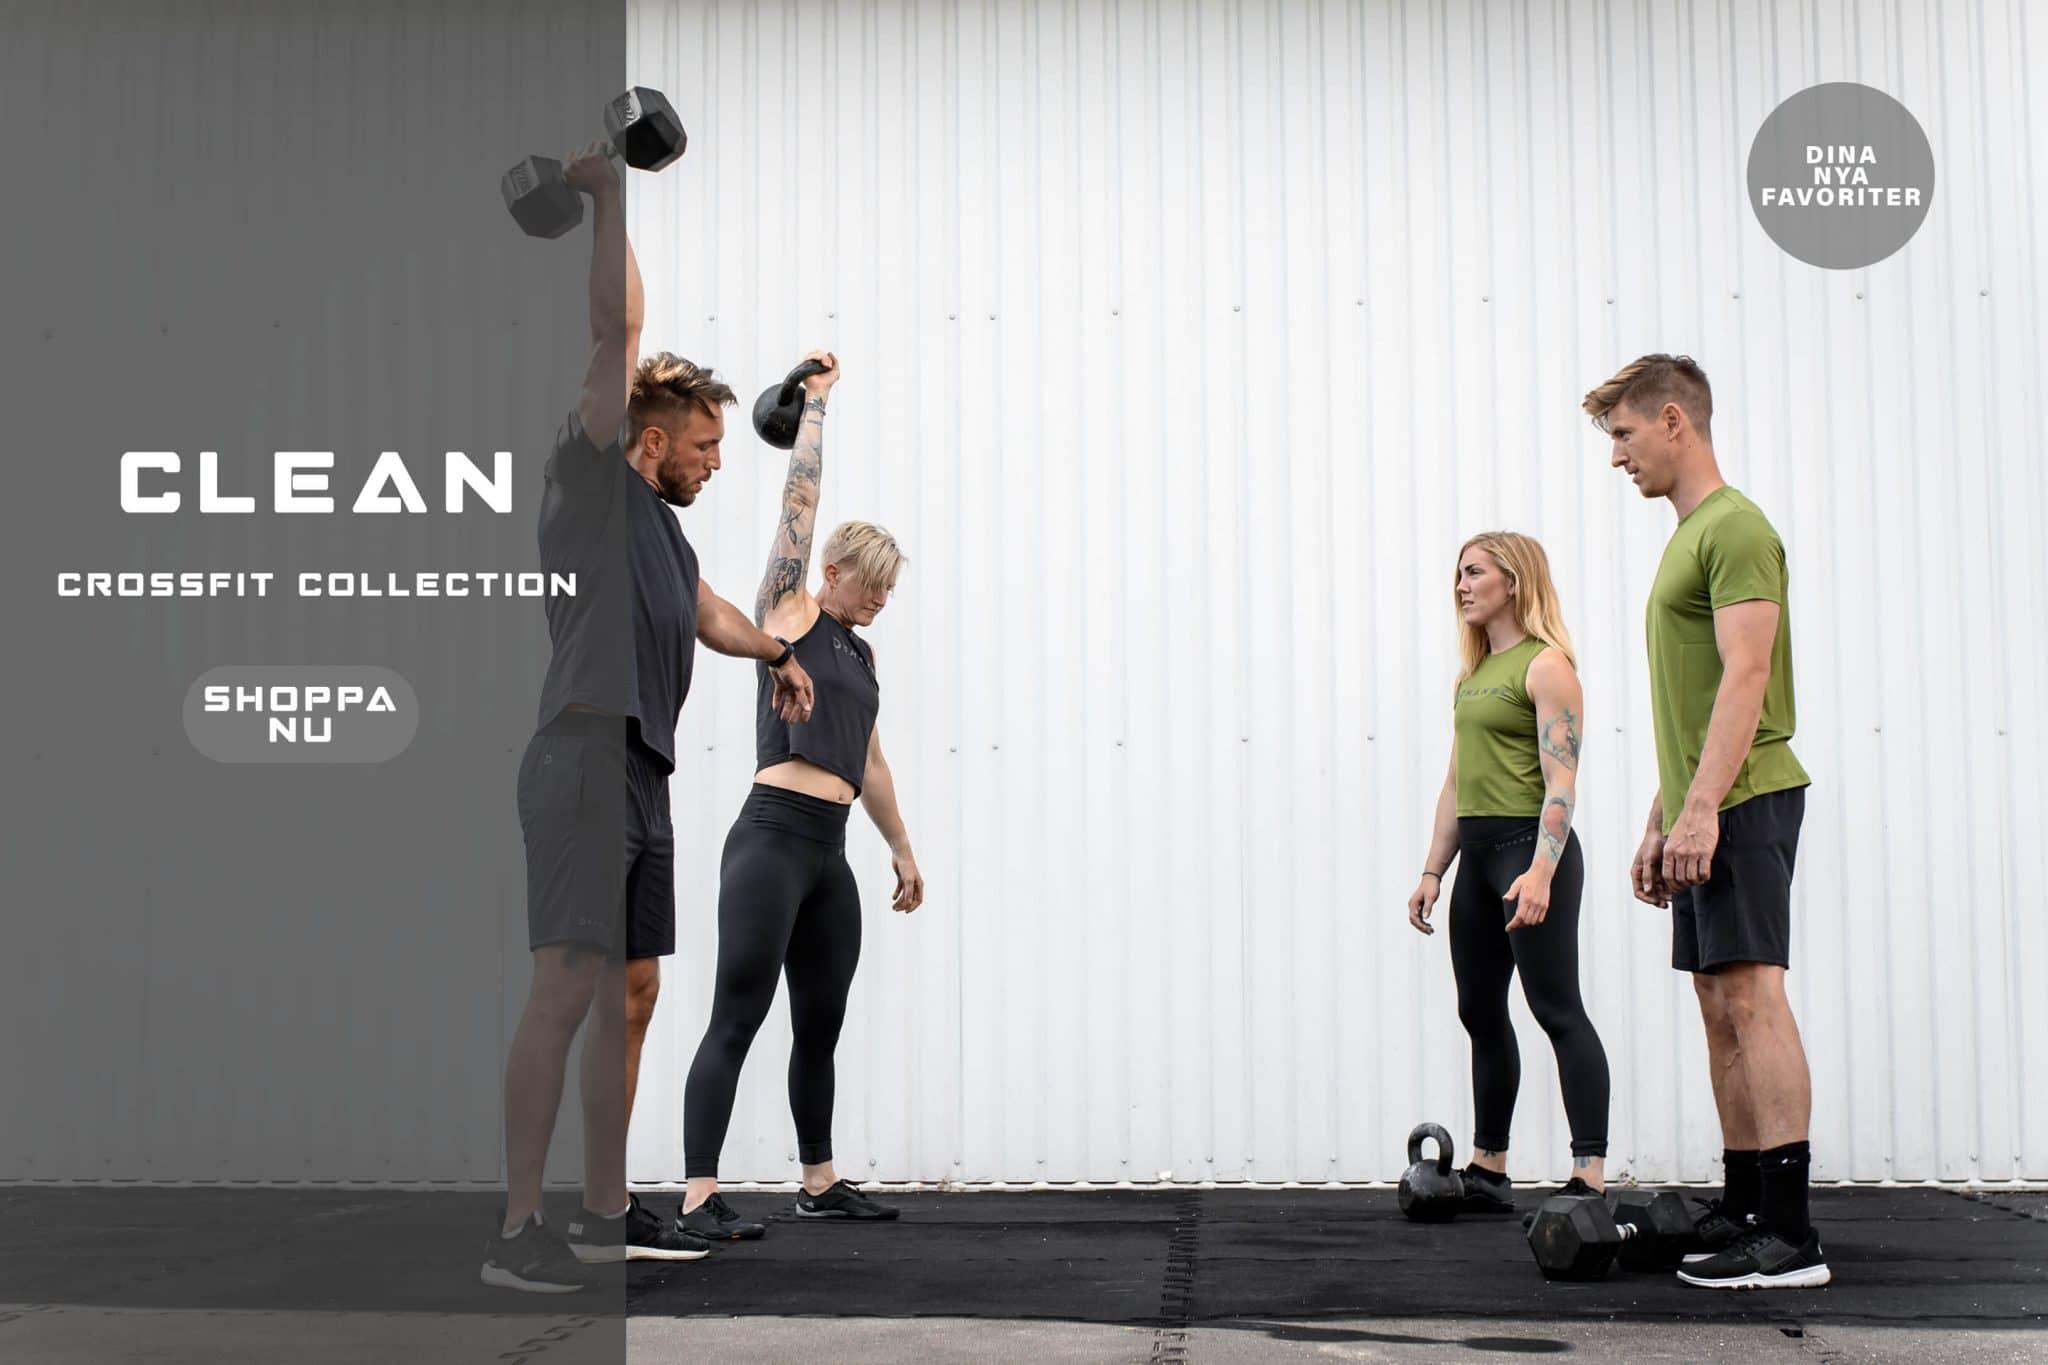 Crossfit kläder, ekologiska träningskläder, miljövänliga träningskläder, ny kollektion